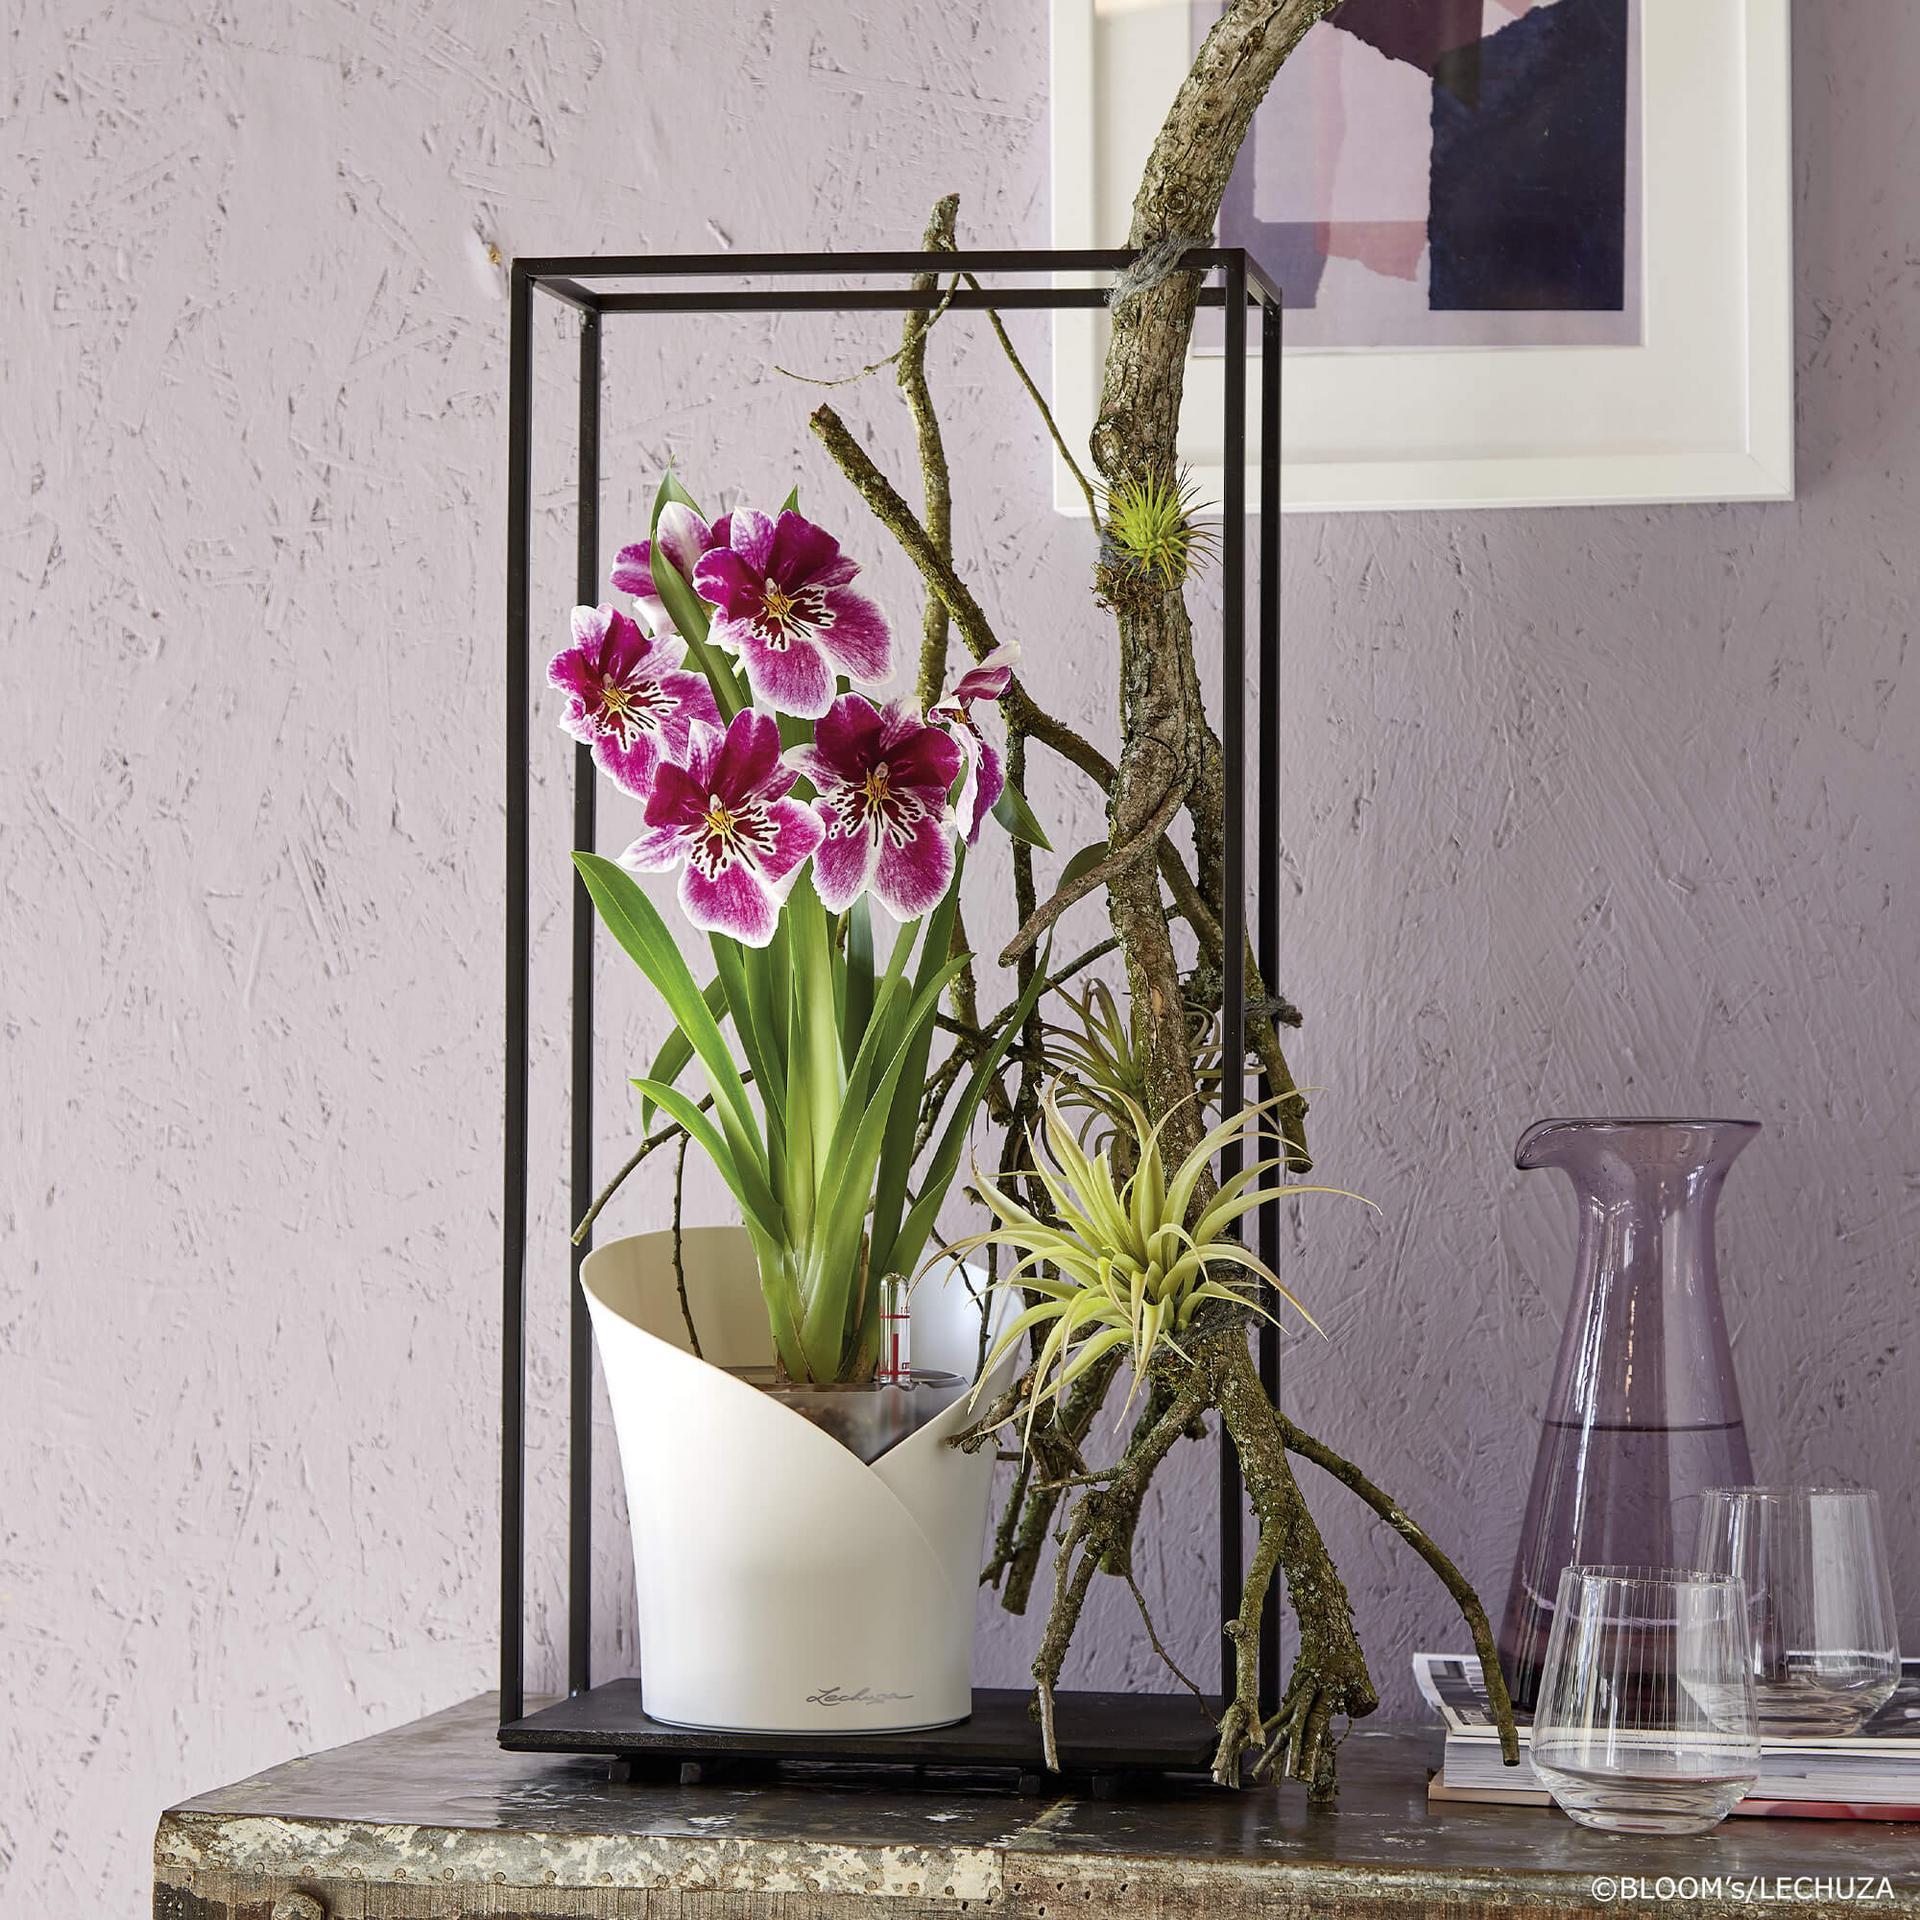 le_orchidea_product_addi_06